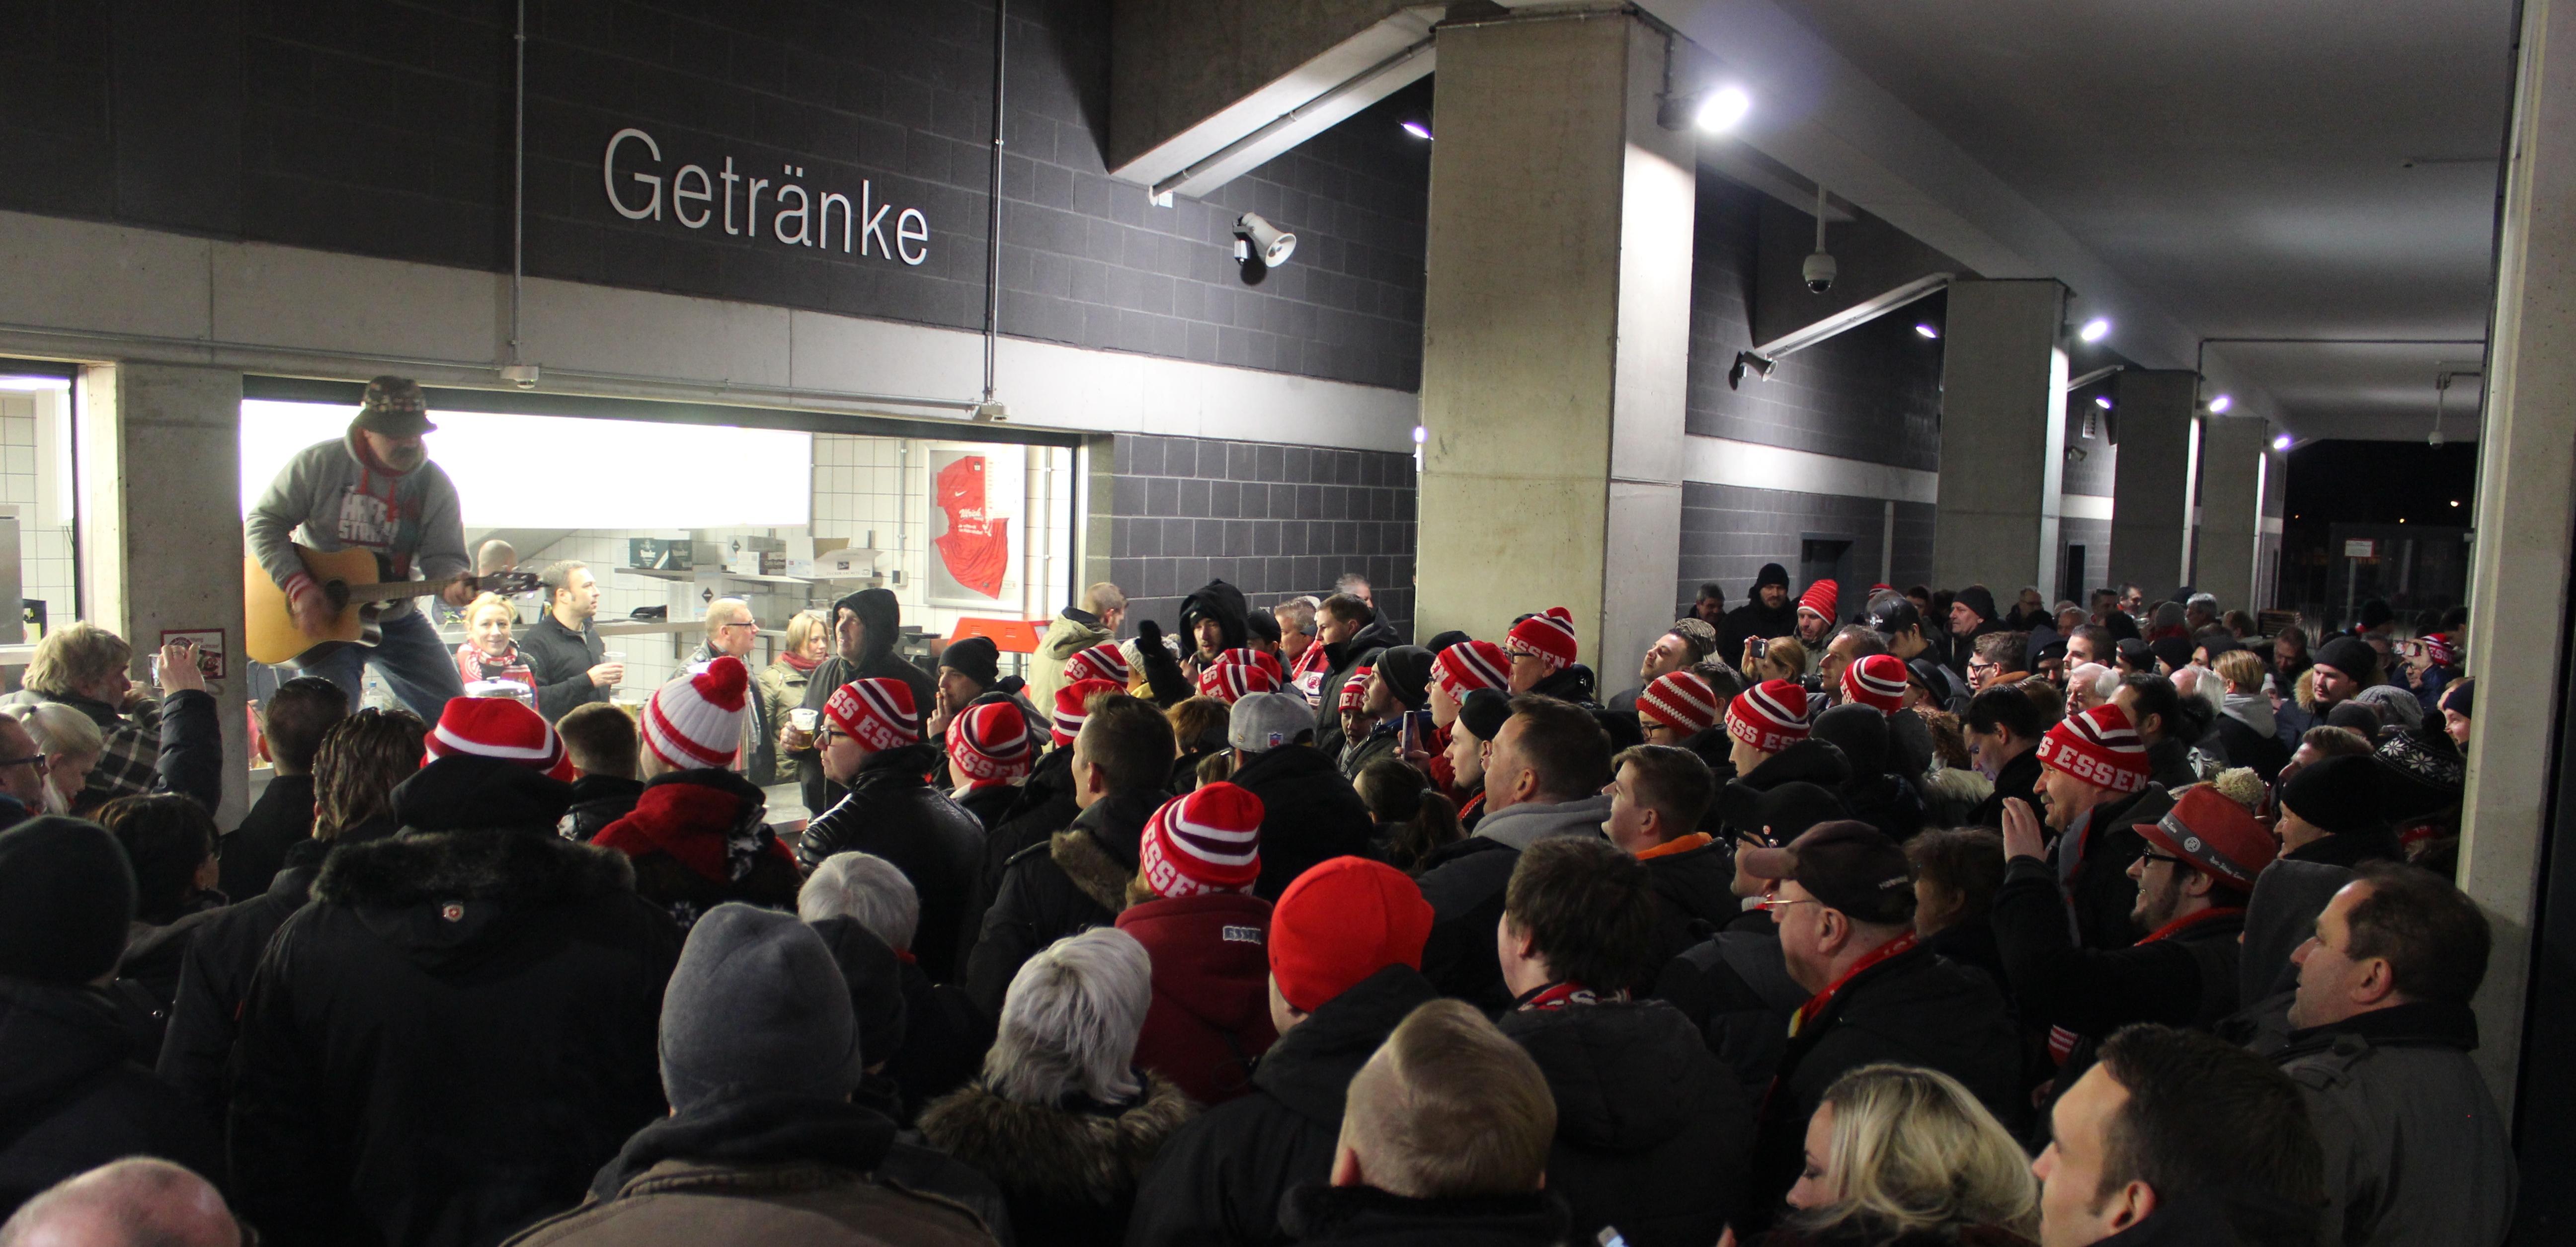 Traditionell beginnt das neue Jahr an der Hafenstraße mit Bratwurst und Stauder.